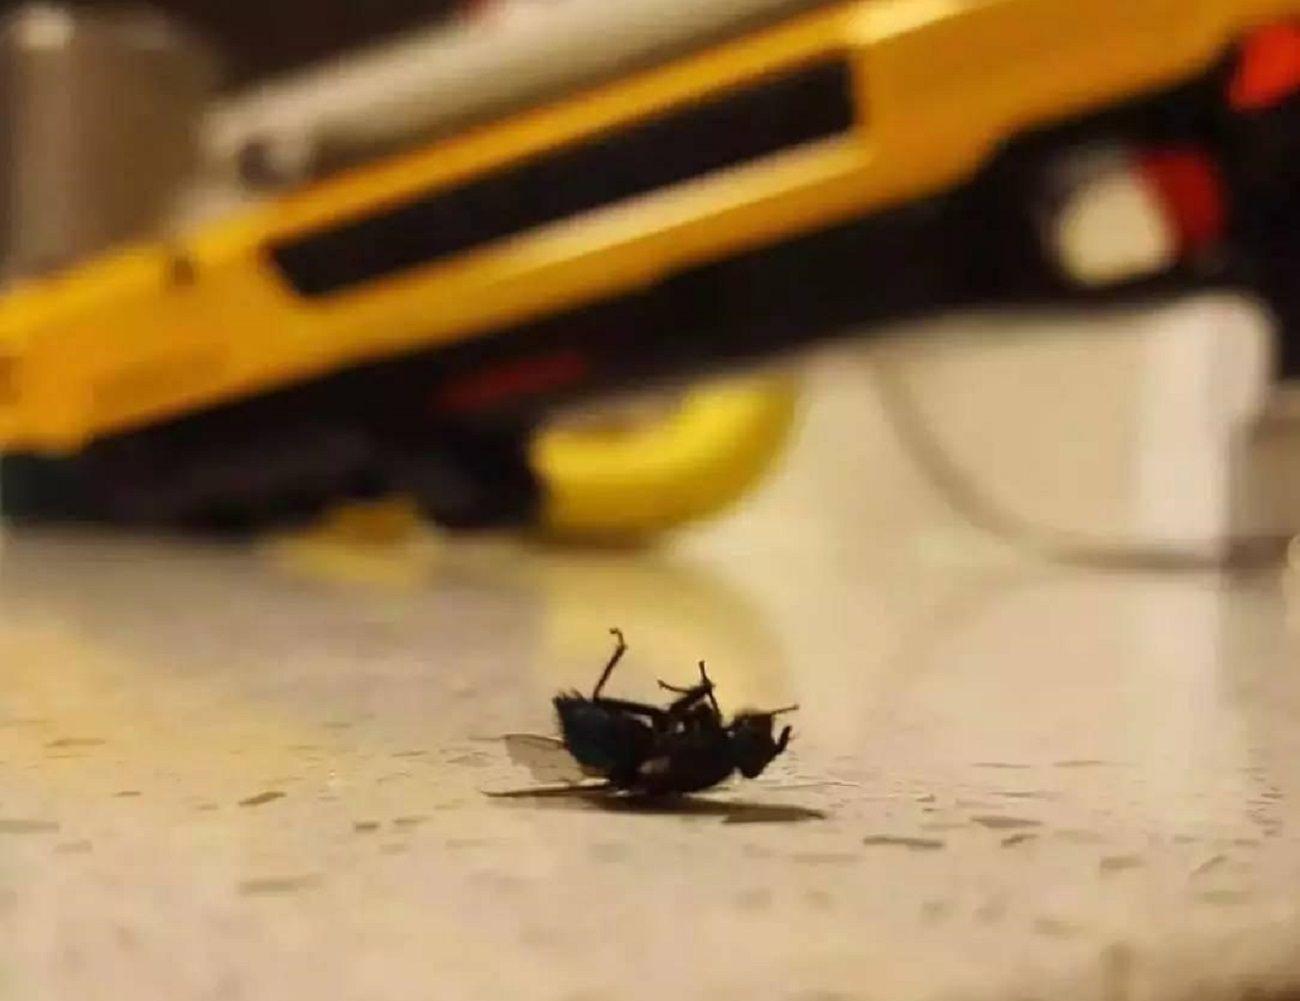 The Bug-A-Salt Fly Killer